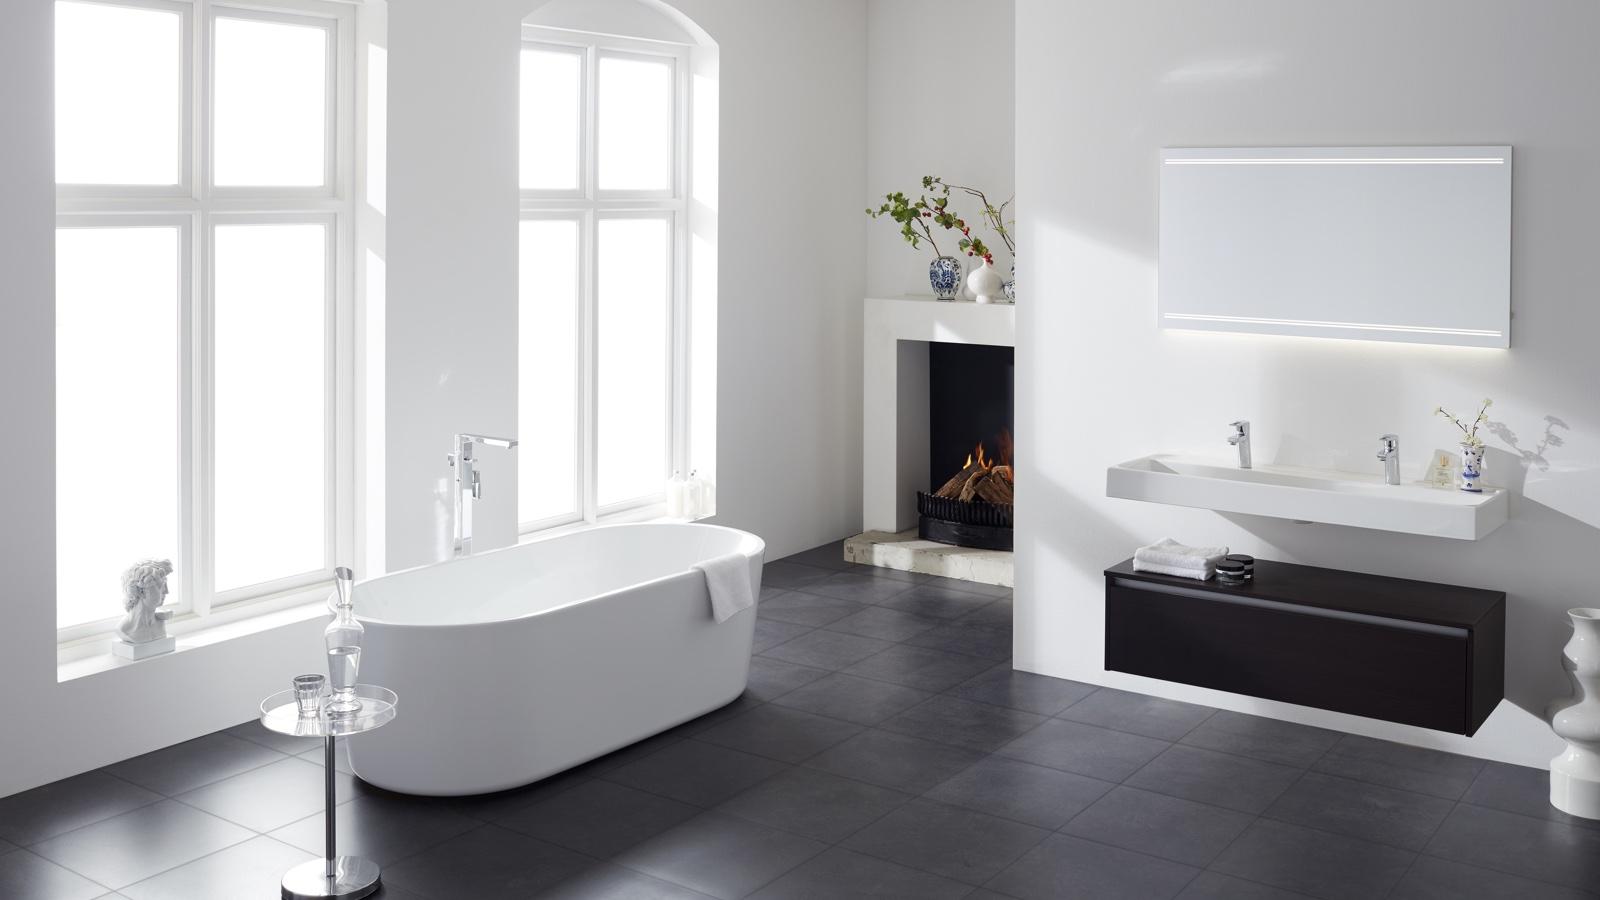 stijl-badkamer-inspiratie-zwart-witte-badkamer-mijnbad-in-stijl